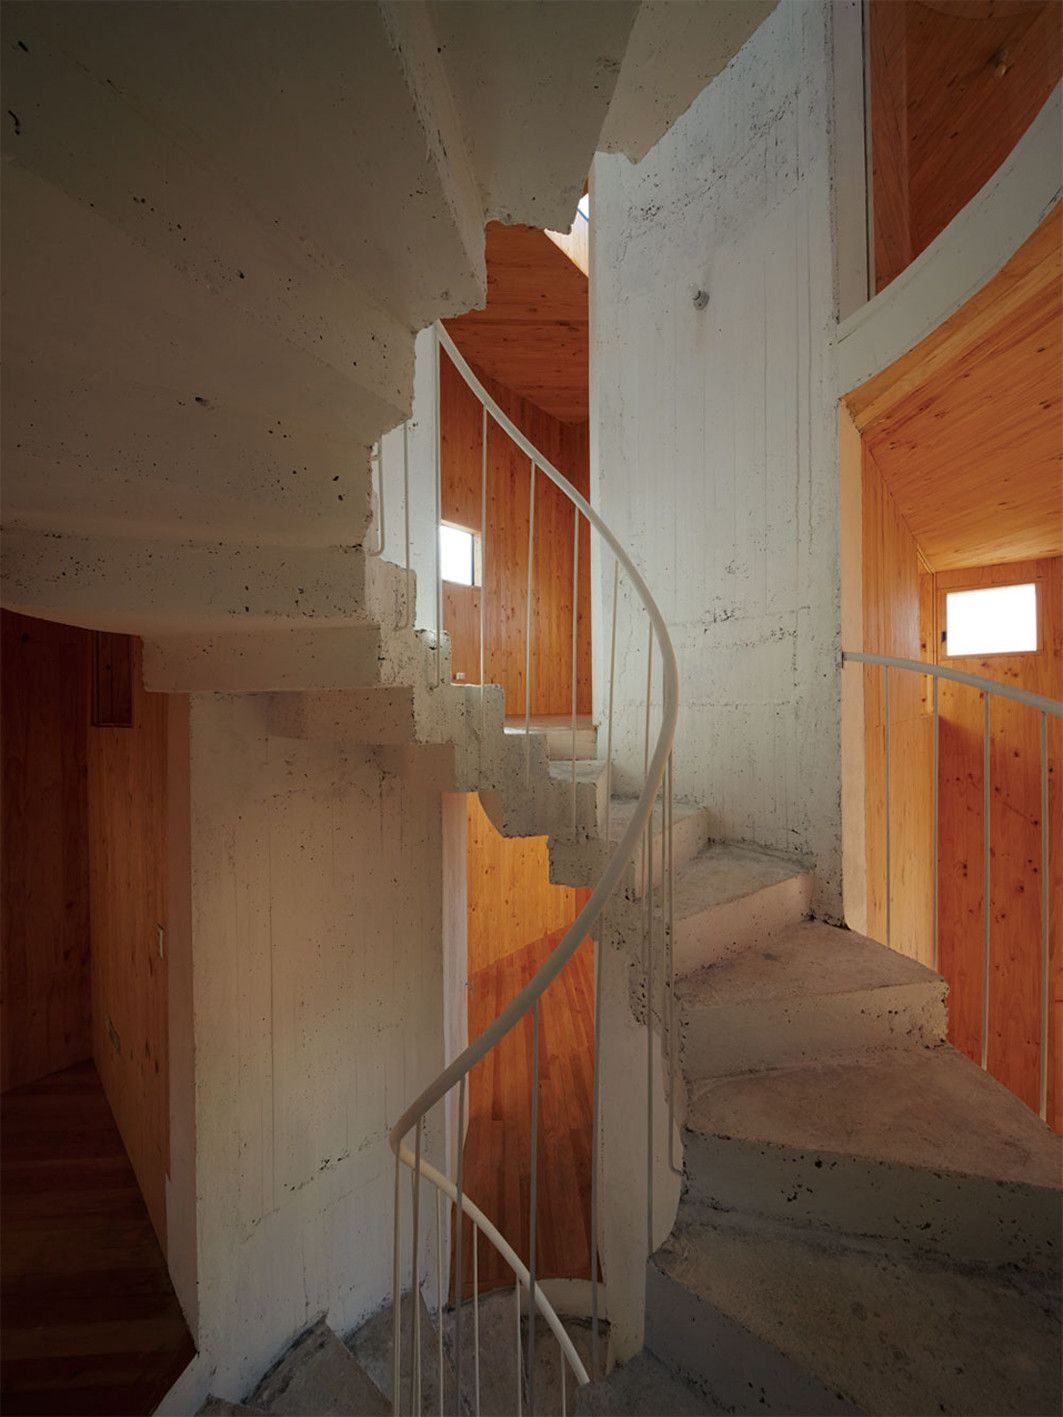 Gallery of Gago House / Pezo von Ellrichshausen - 12 | Pinterest ...